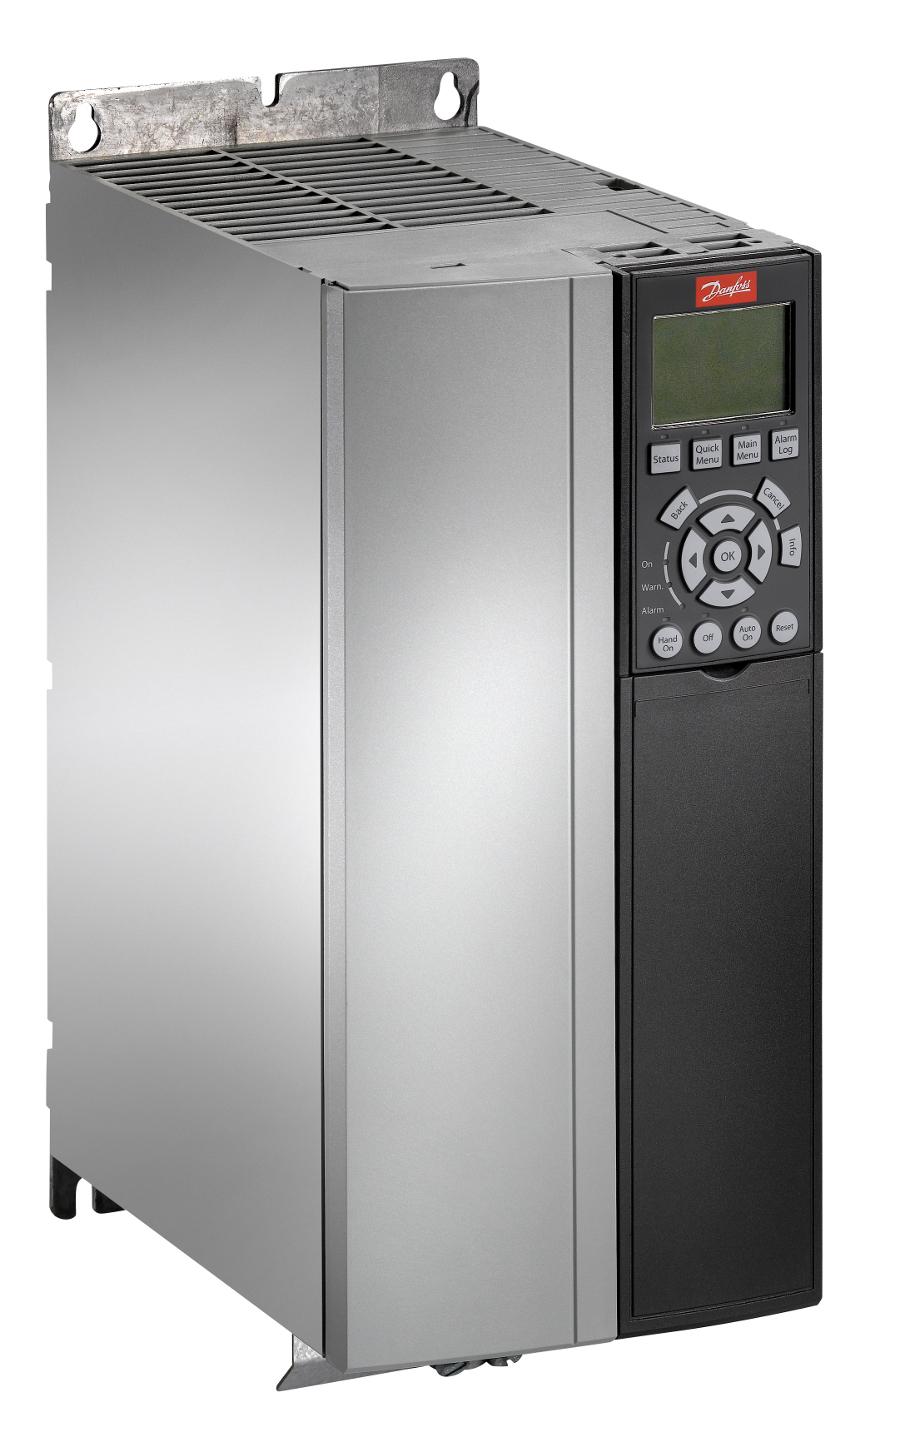 Danfoss Fc302 131h5561 37kw Ip20 P N P